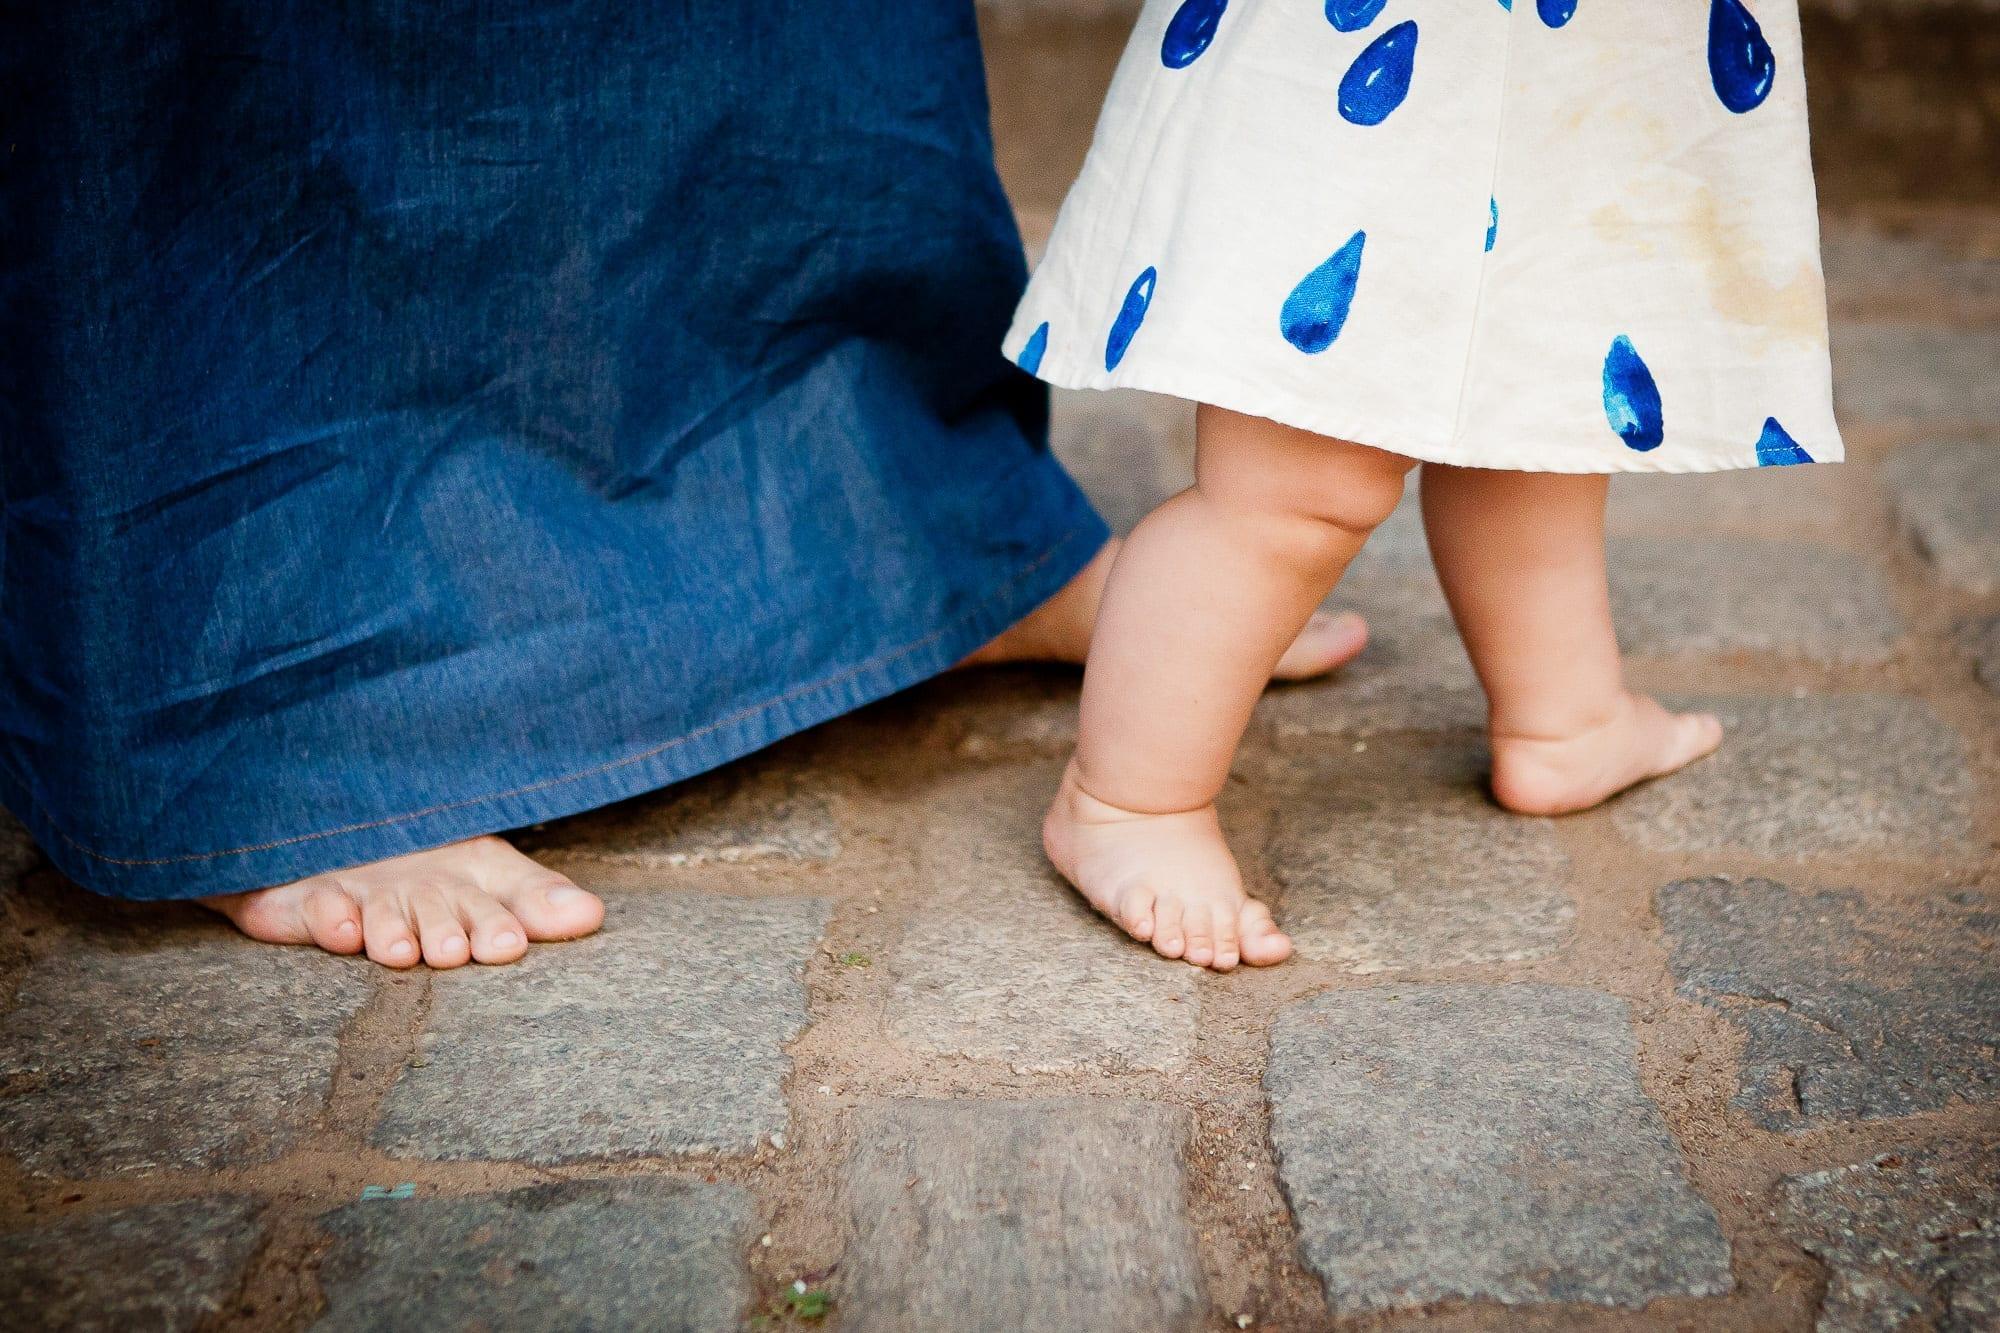 Mãe ajuda filha a dar os primeiros passinhos (Foto: Gabi Trevisan)